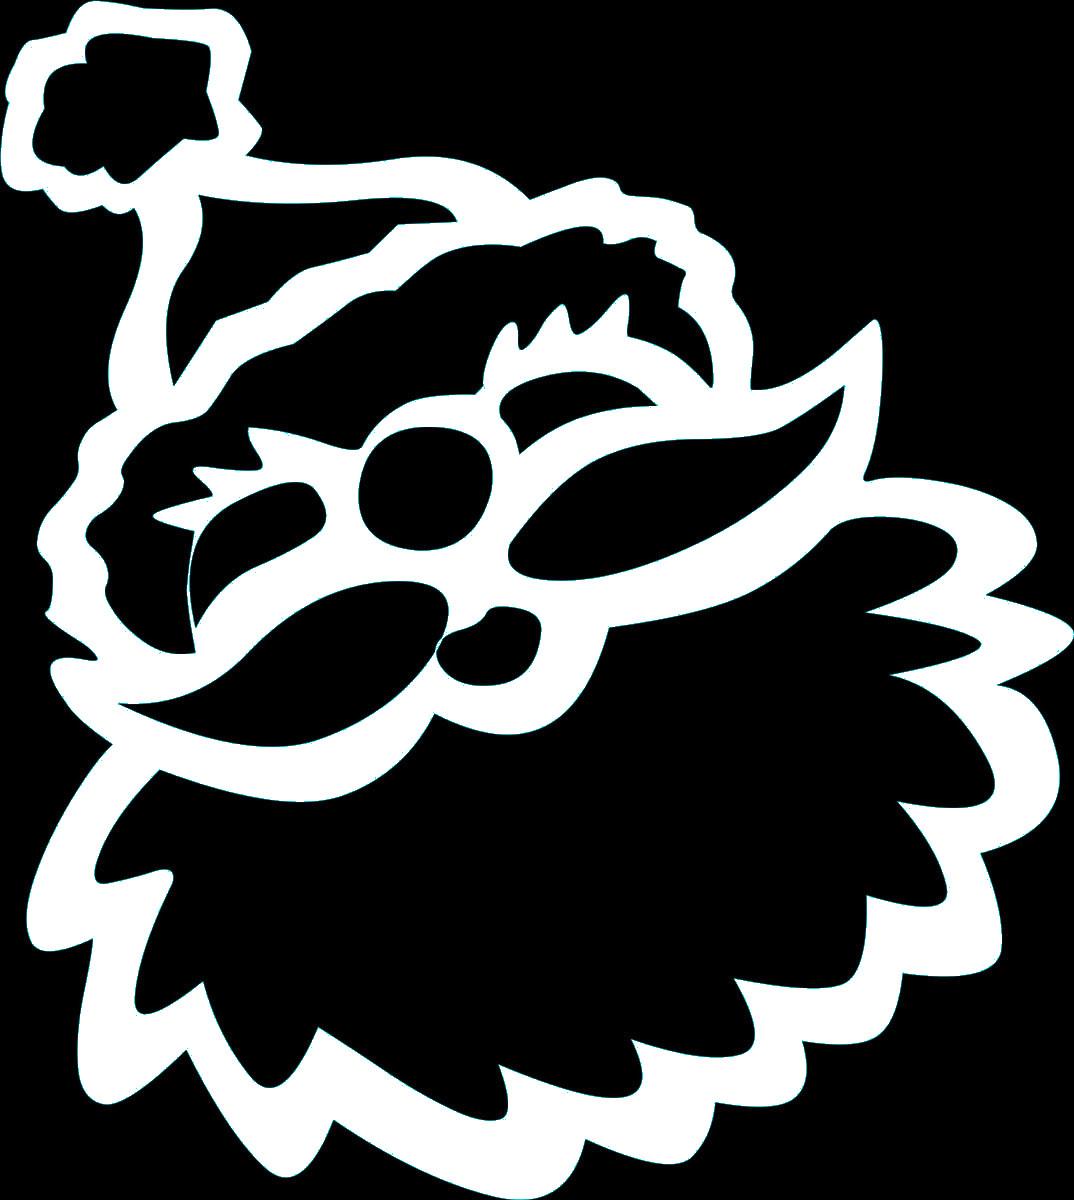 Наклейка автомобильная Оранжевый слоник Лицо Деда Мороза, виниловая, цвет: белый240000Оригинальная наклейка Оранжевый слоник Лицо Деда Мороза изготовлена из высококачественной виниловой пленки, которая выполняет не только декоративную функцию, но и защищает кузов автомобиля от небольших механических повреждений, либо скрывает уже существующие.Виниловые наклейки на автомобиль - это не только красиво, но еще и быстро! Всего за несколько минут вы можете полностью преобразить свой автомобиль, сделать его ярким, необычным, особенным и неповторимым!